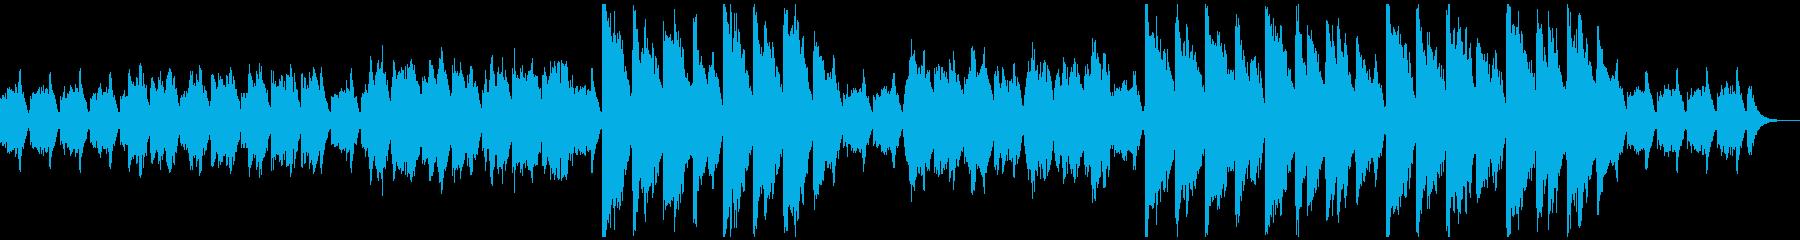 眠りの国へようこそ、睡眠を誘う音楽の再生済みの波形